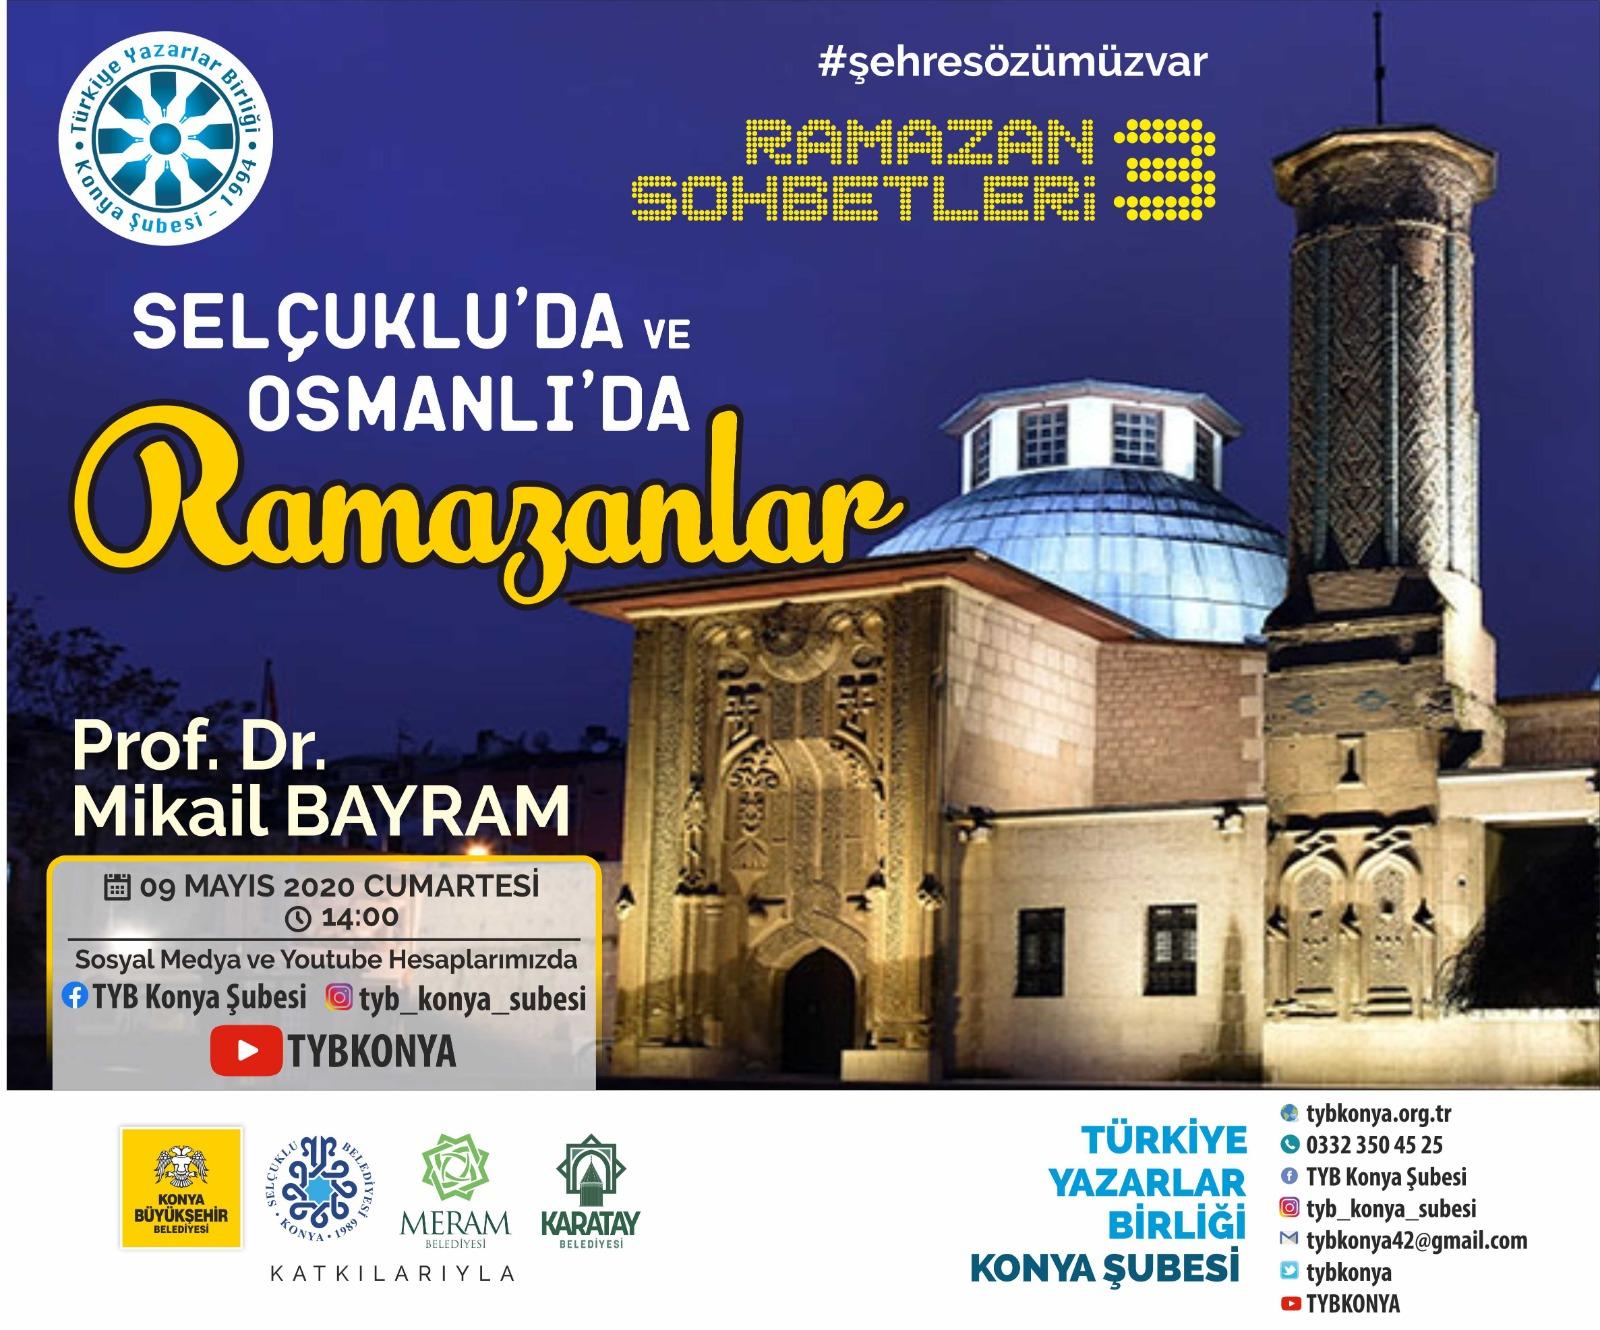 Selçuklu'da ve Osmanlı'da Ramazanlar